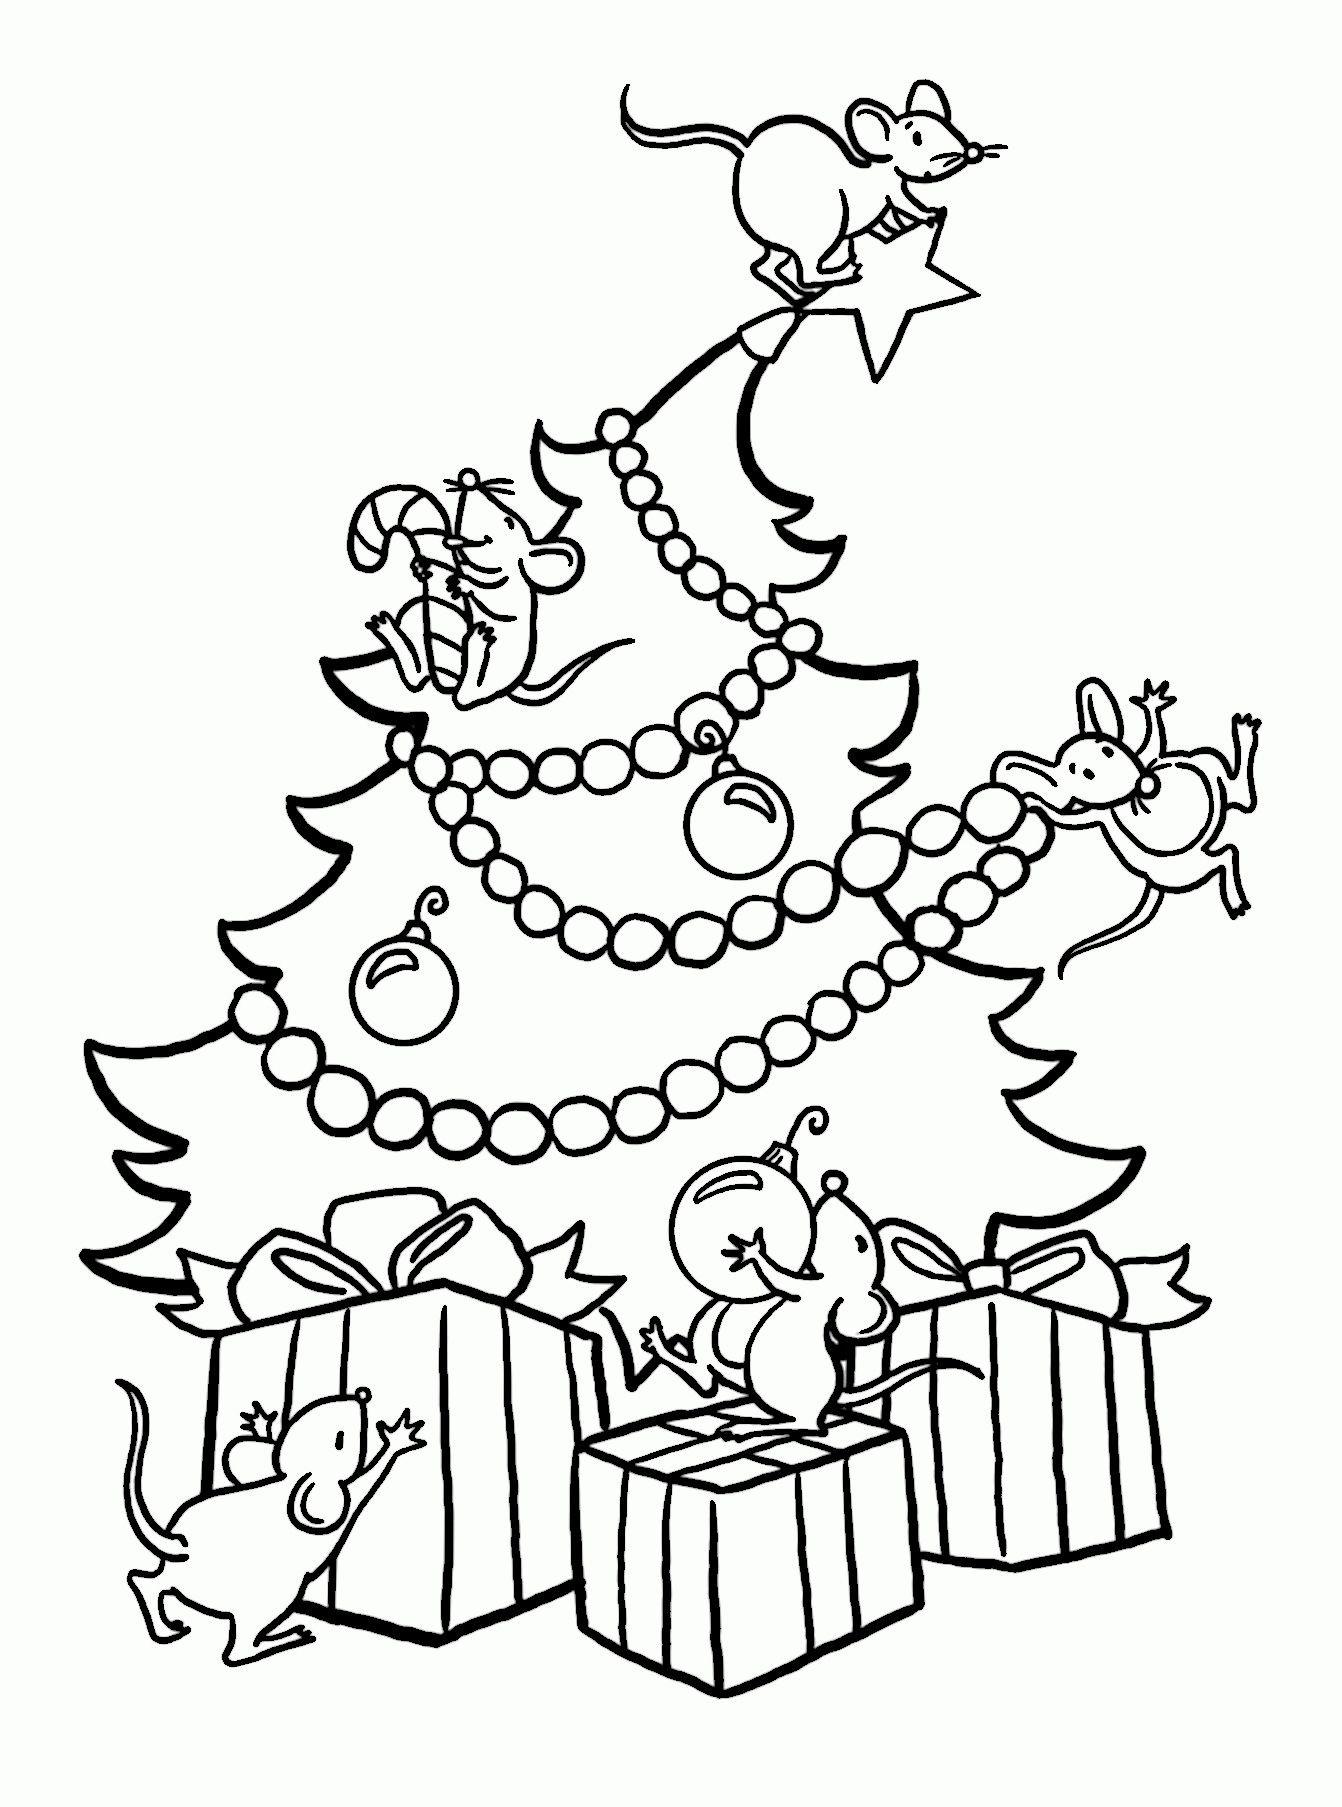 Unique Dibujo Arbol Navidad Para Colorear Navidad Tarjetas